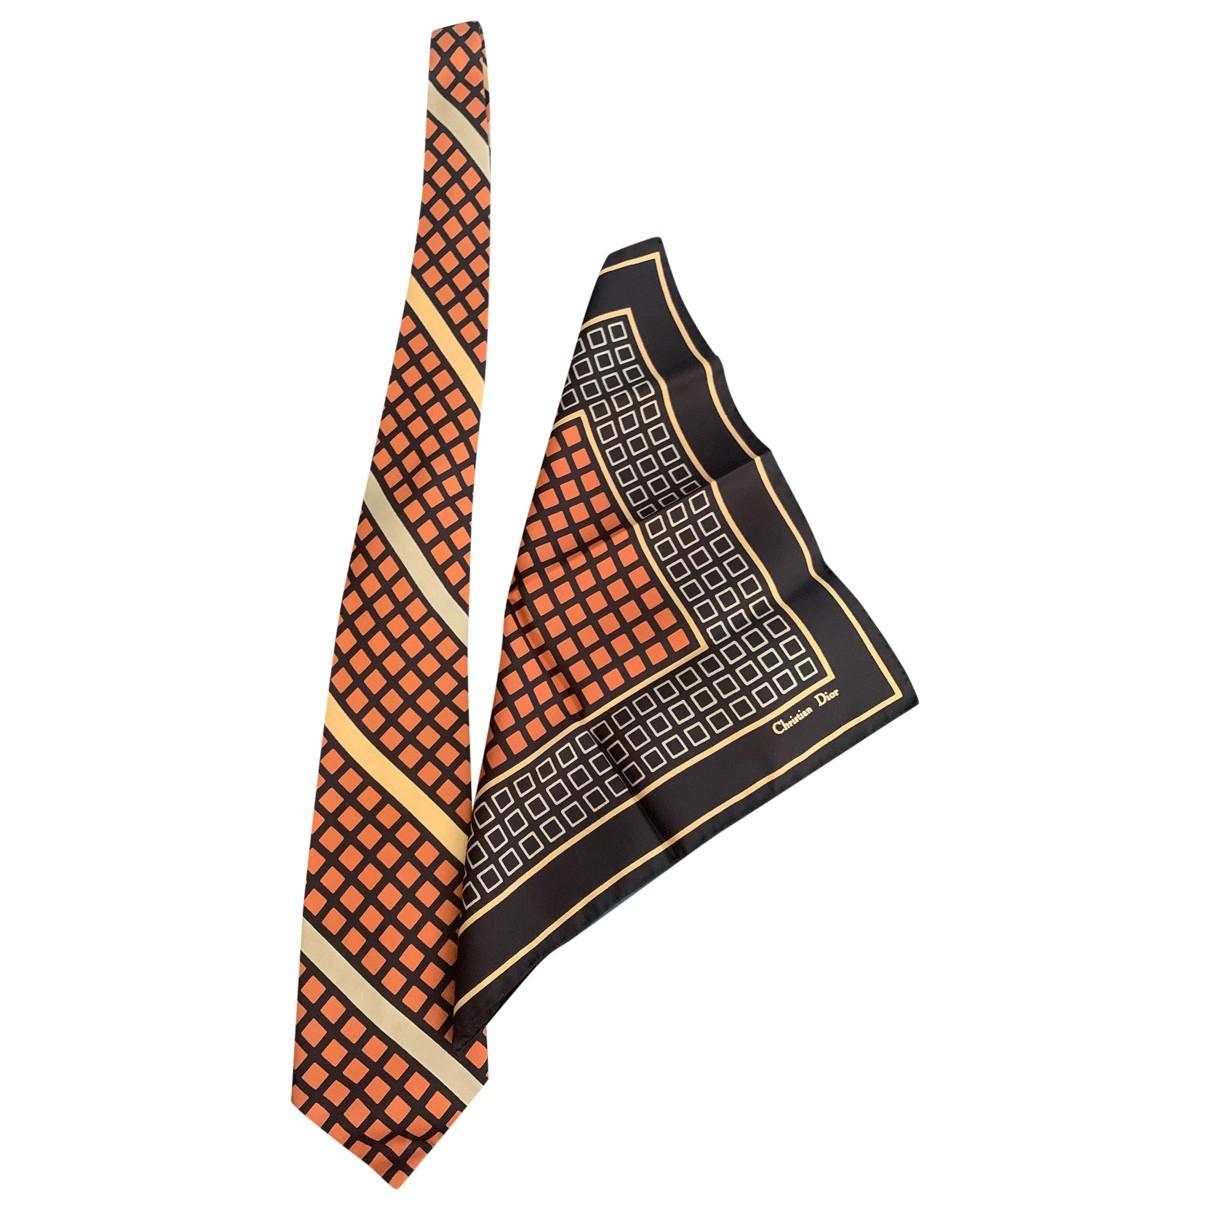 Dior Homme - Cravates   pour homme en soie - orange